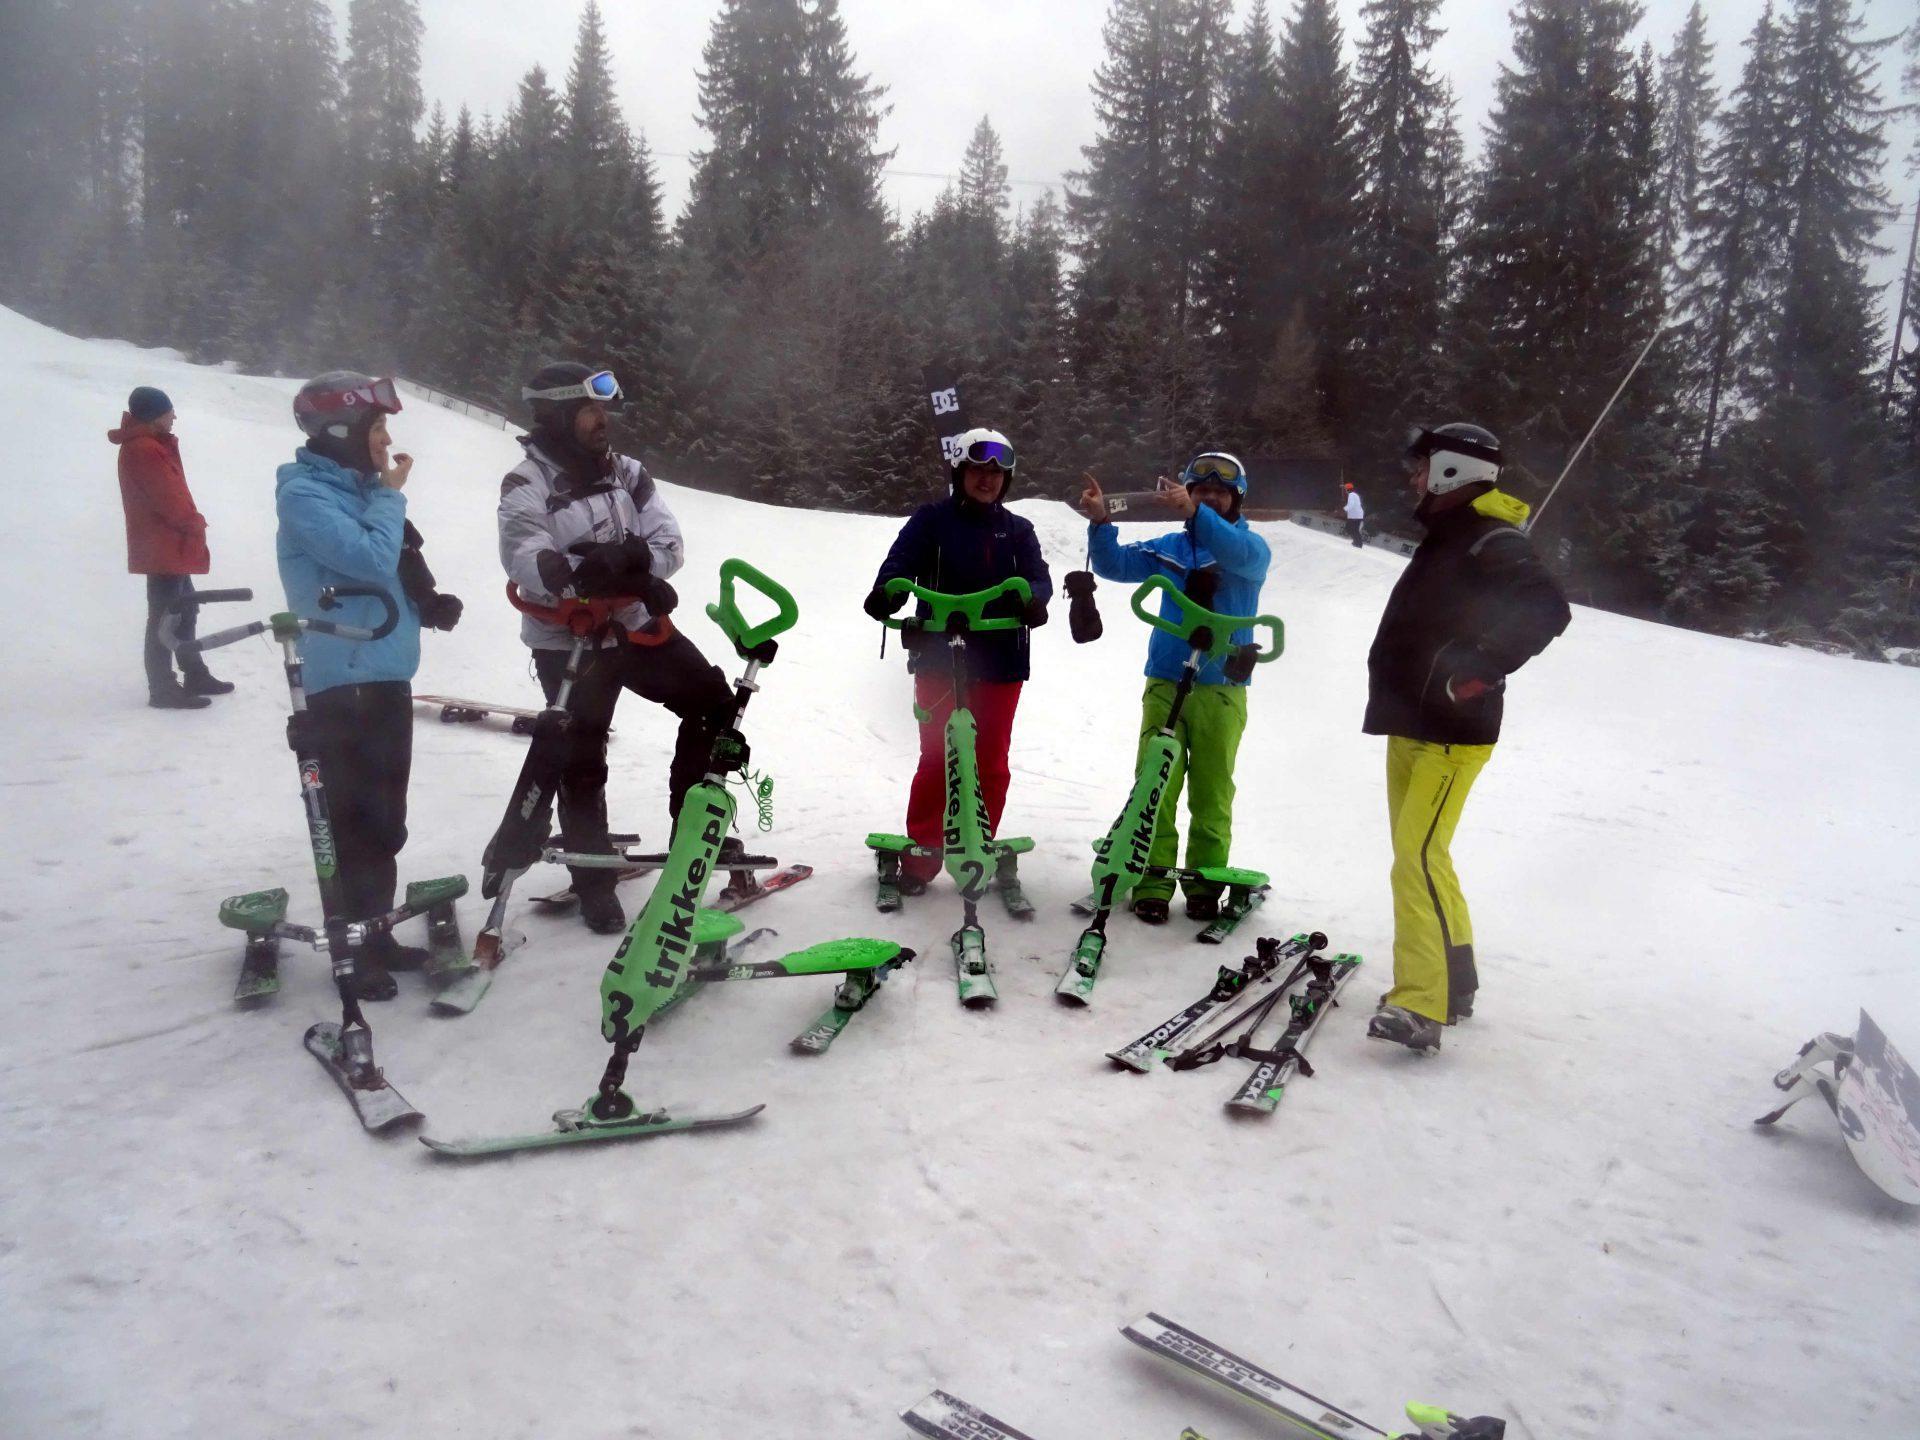 Wzorowa technika jazdy – w drugim dniu swojego narciarstwa.